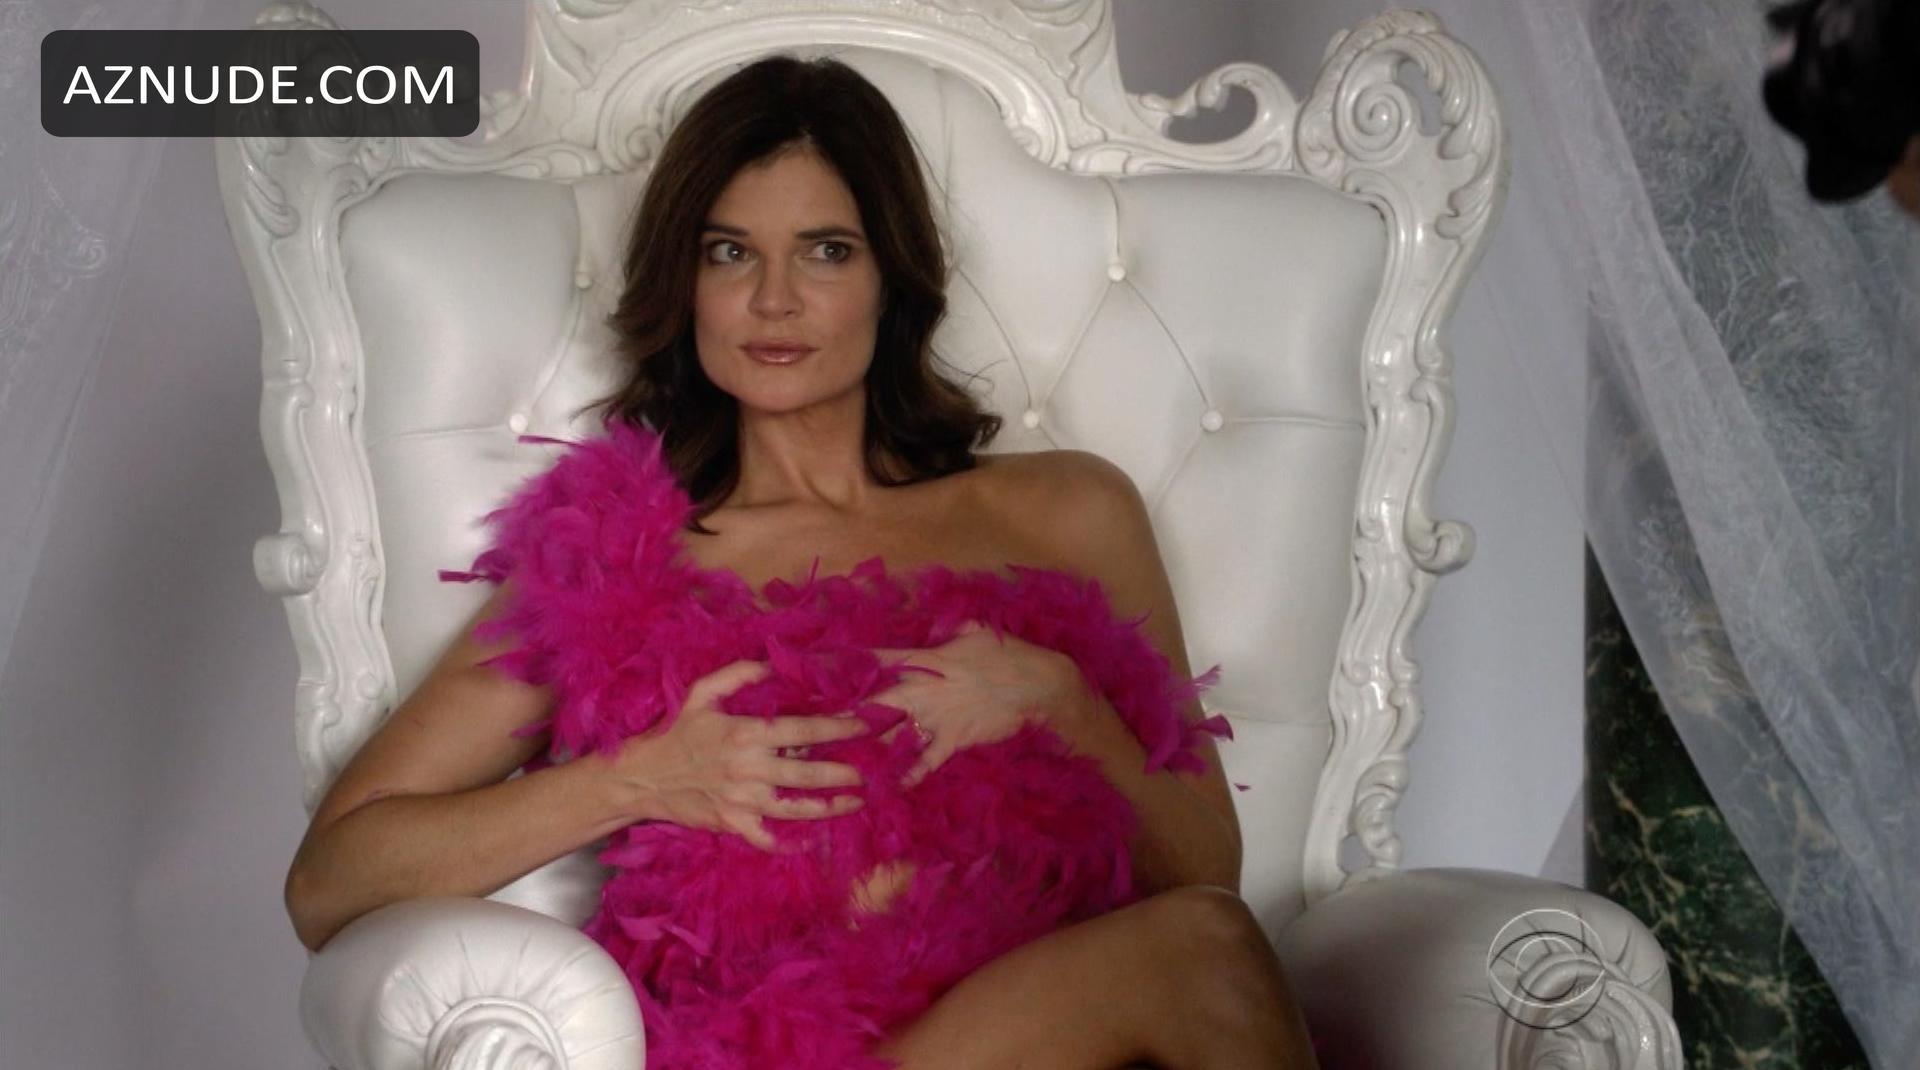 Lizzy caplan nude scene in masters of sex scandalplanetcom